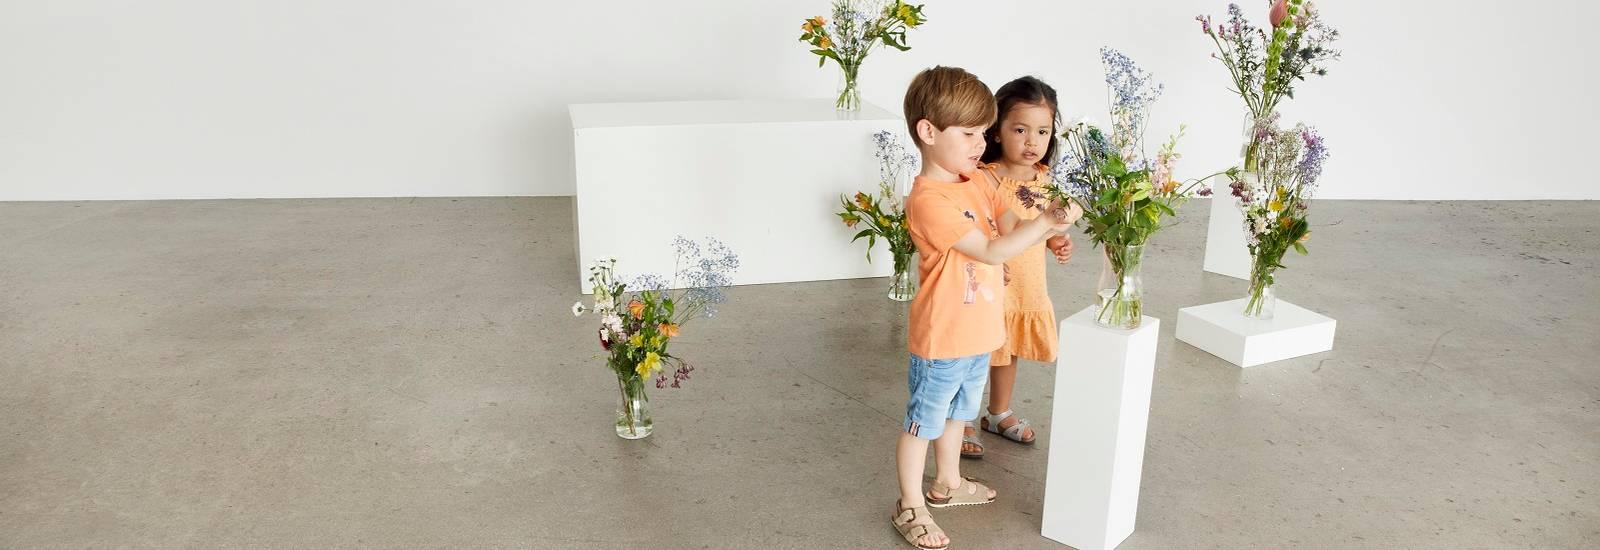 tilbud rabatt rabattkoder rabattkode barneklær